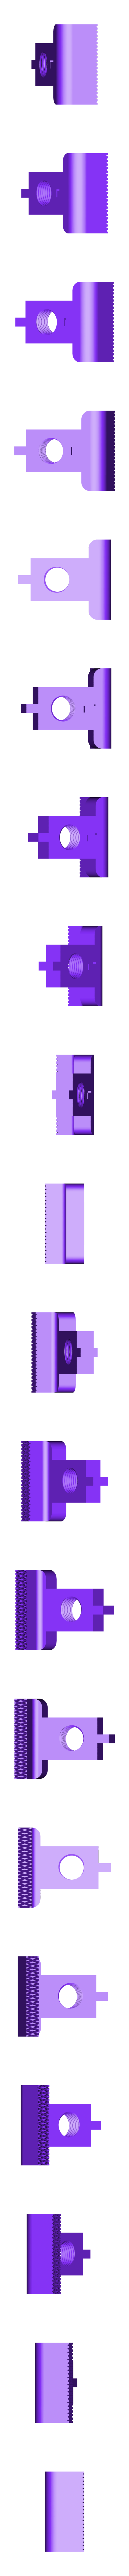 leftClamp.stl Télécharger fichier STL gratuit Oldie Vice • Design pour impression 3D, AnsonB